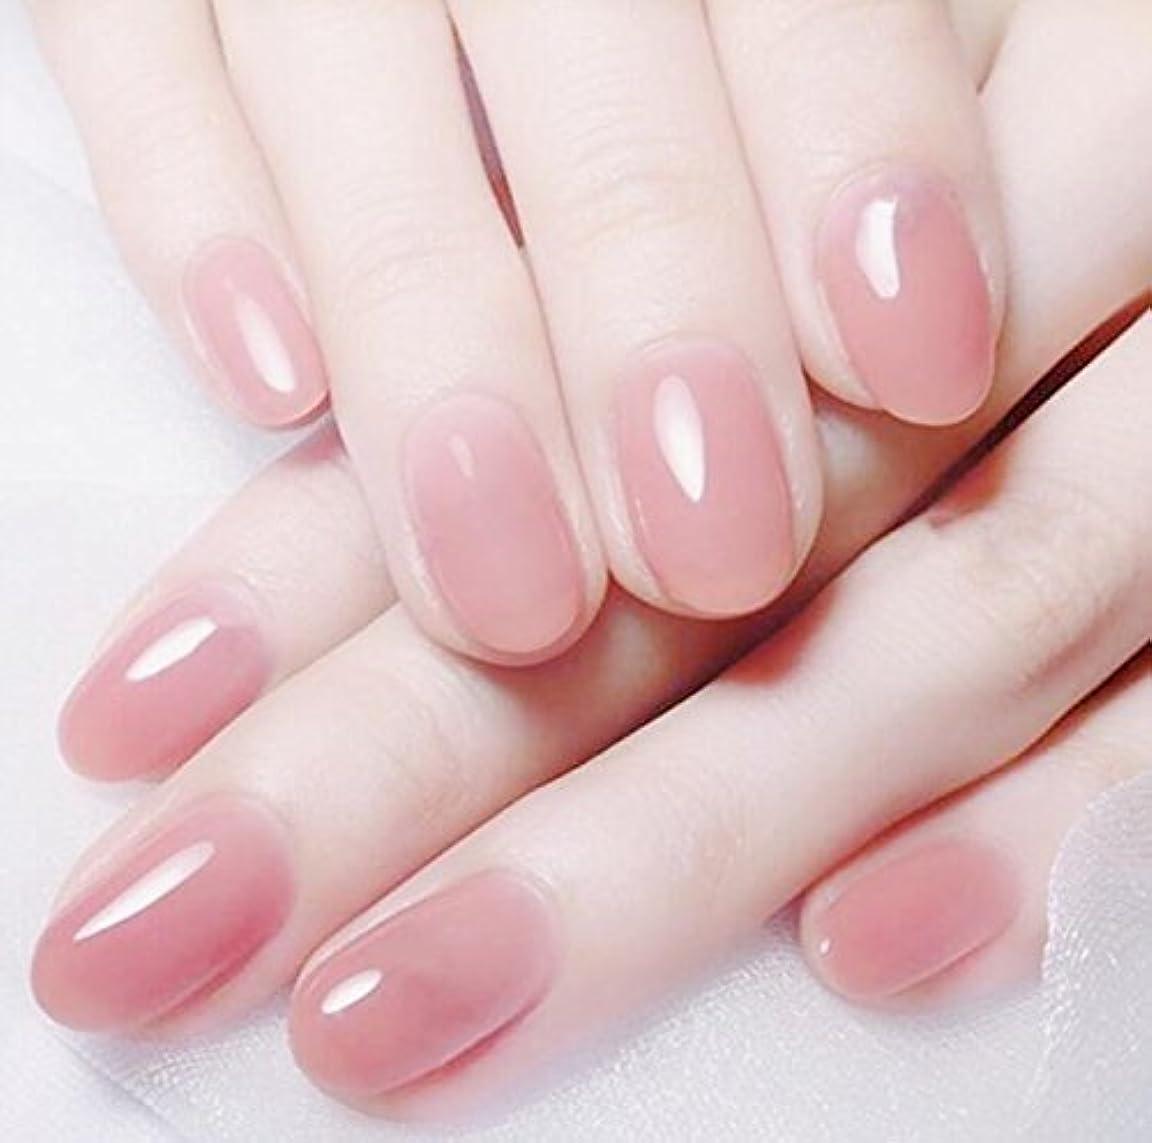 忠実多様体アンビエント24 pcs ネイルチップ 夏の 無地 透明 ゼリー ピンク 可愛い ウェディング ブライダル 優雅 短い